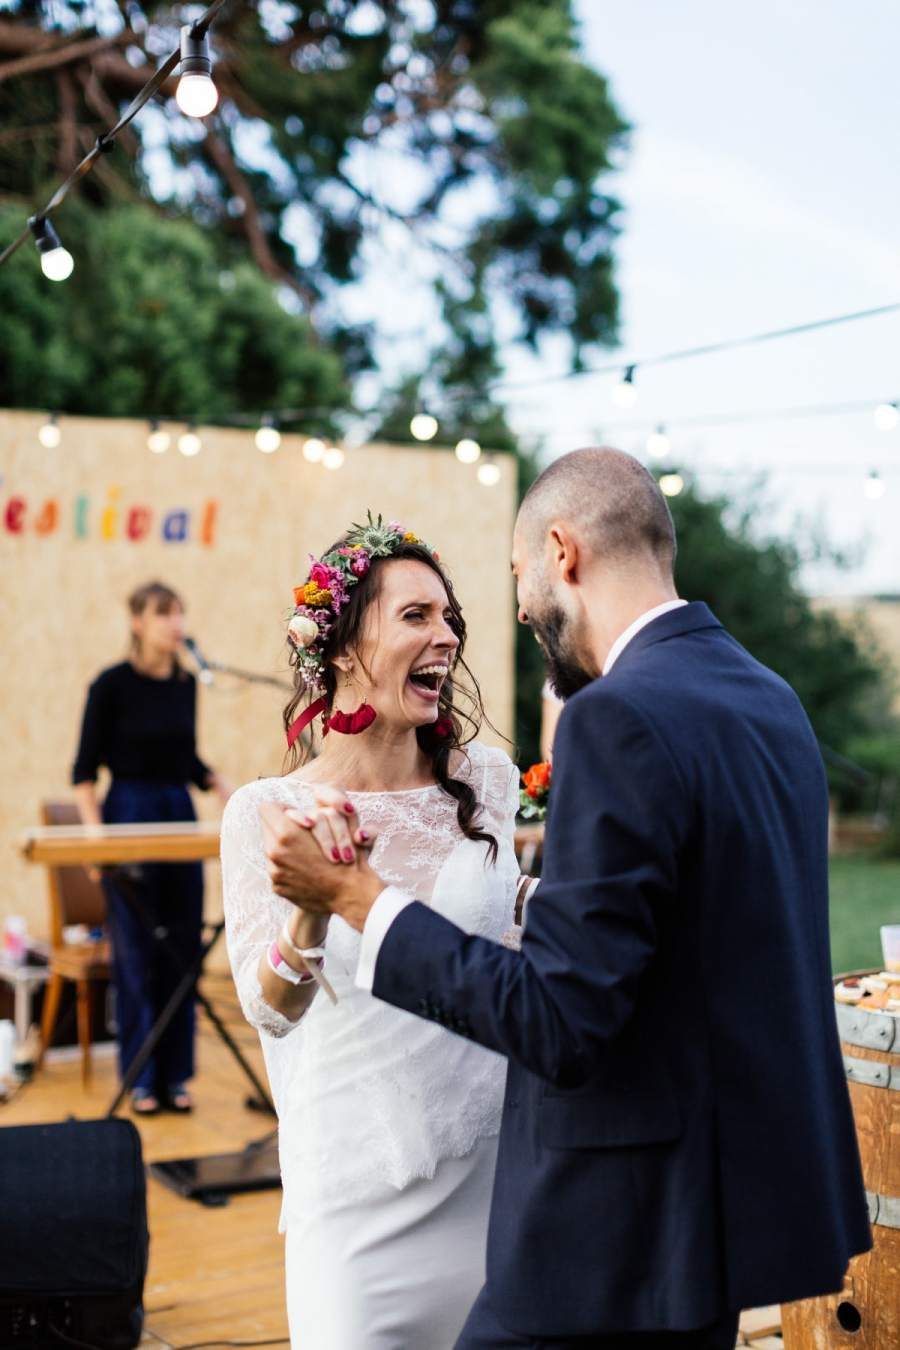 mariage-elodie-sylvain-chateau-fajac-la-relenque-et-baziege-669.jpg